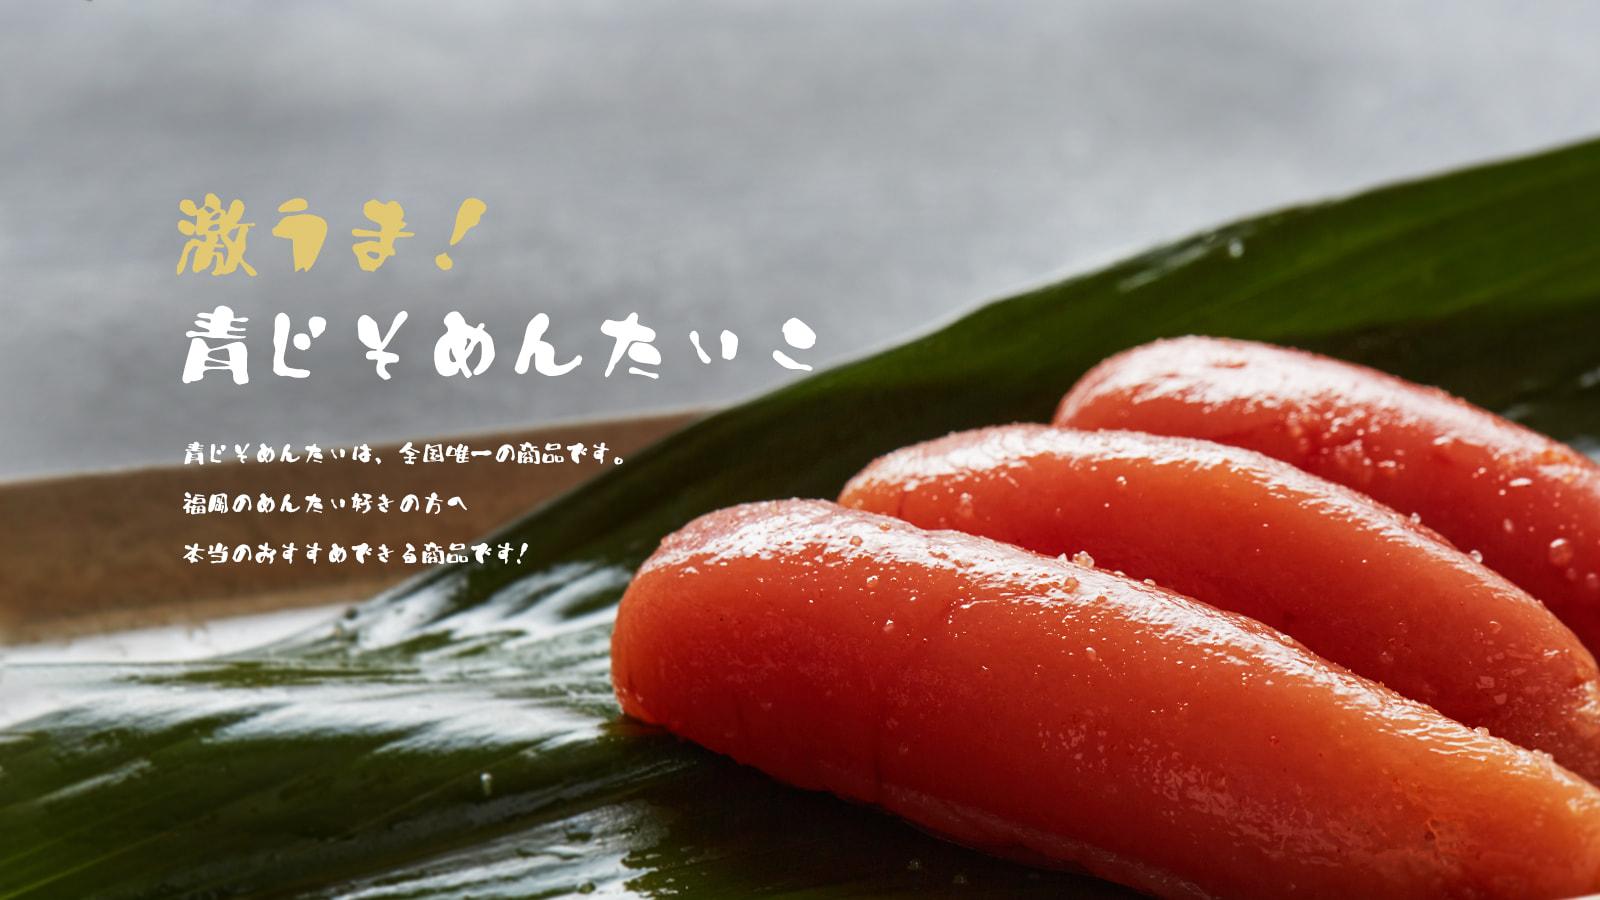 激うま! 青じそめんたいこ 青じそめんたいは、全国唯一の商品です。 福岡のめんたい好きの方へ 本当のおすすめできる商品です!